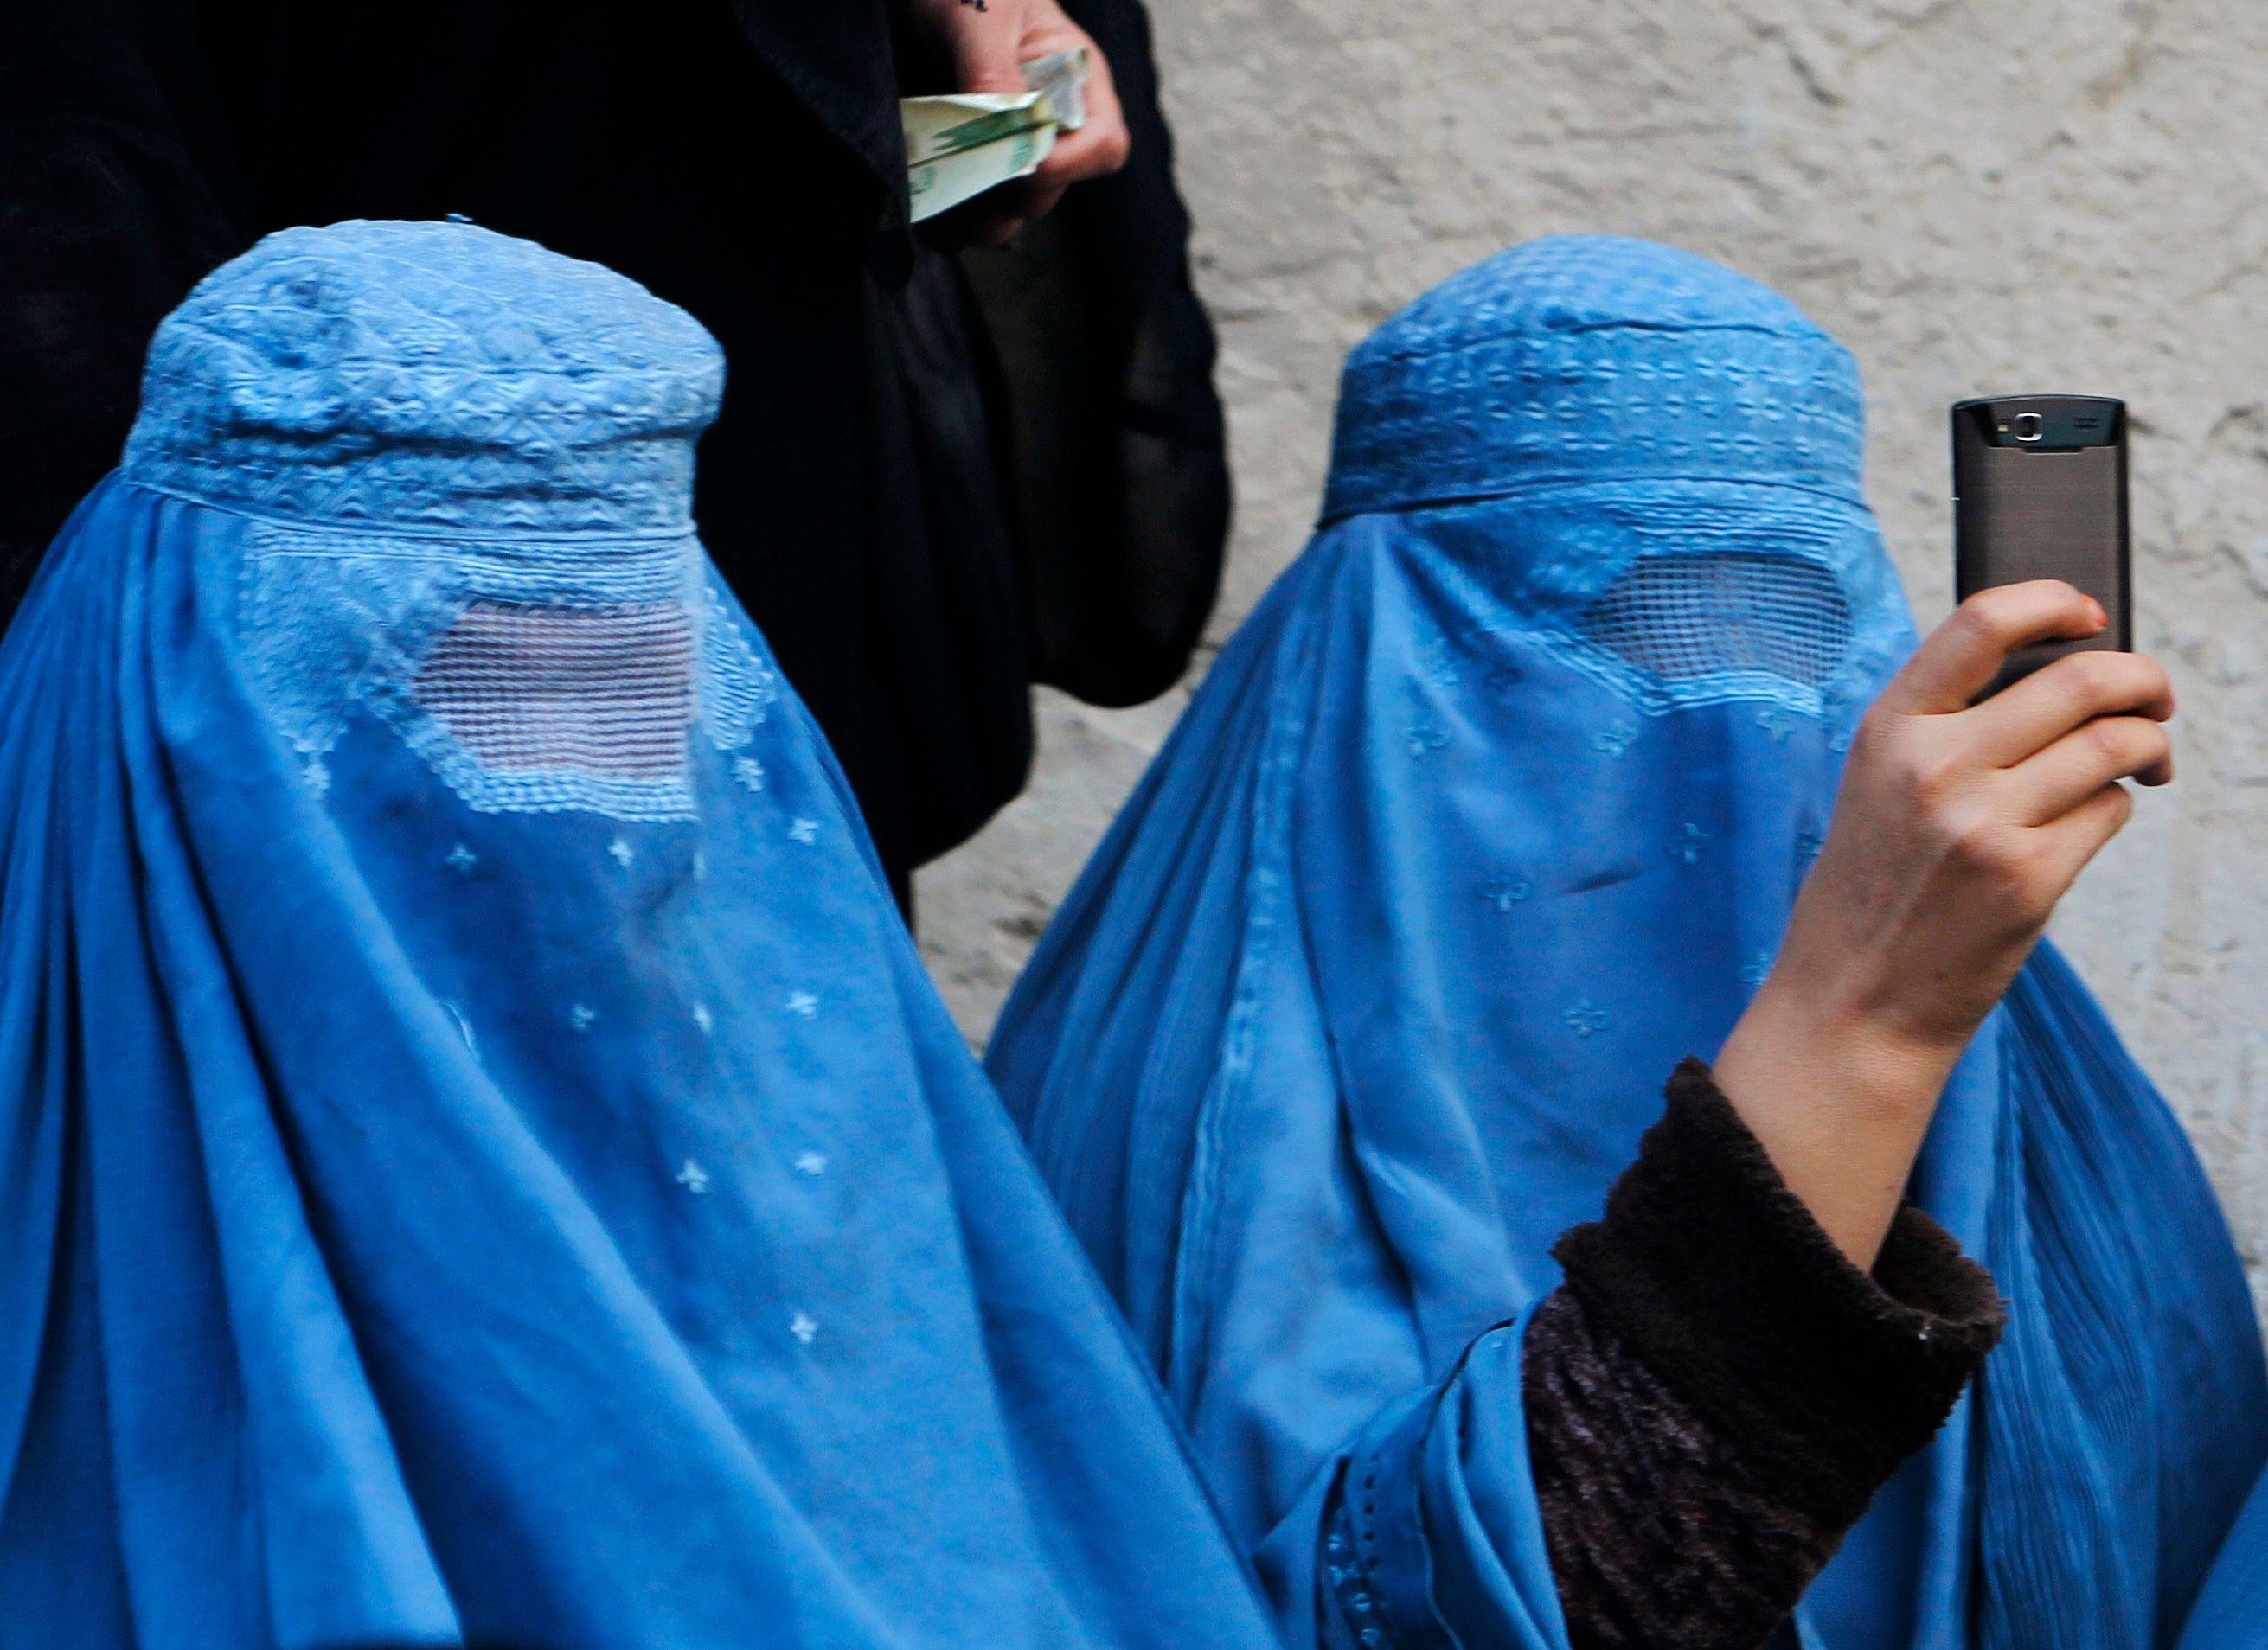 Afghanistan : une femme décapitée pour être entrée dans une ville sans son mari